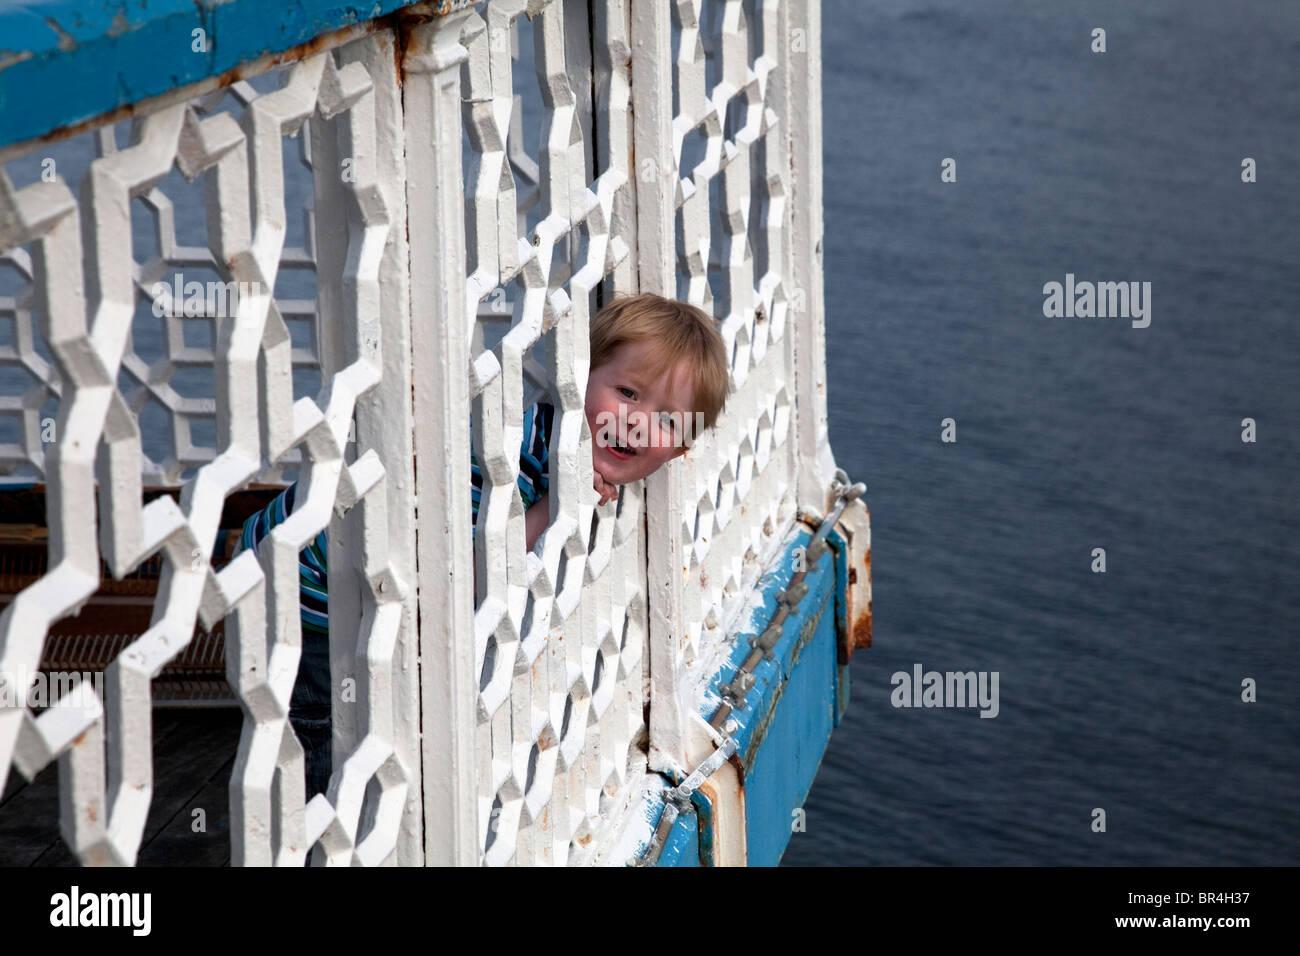 Cheeky giovane ragazzo cerca attraverso le ringhiere sul molo a Llandudno North Wales Immagini Stock